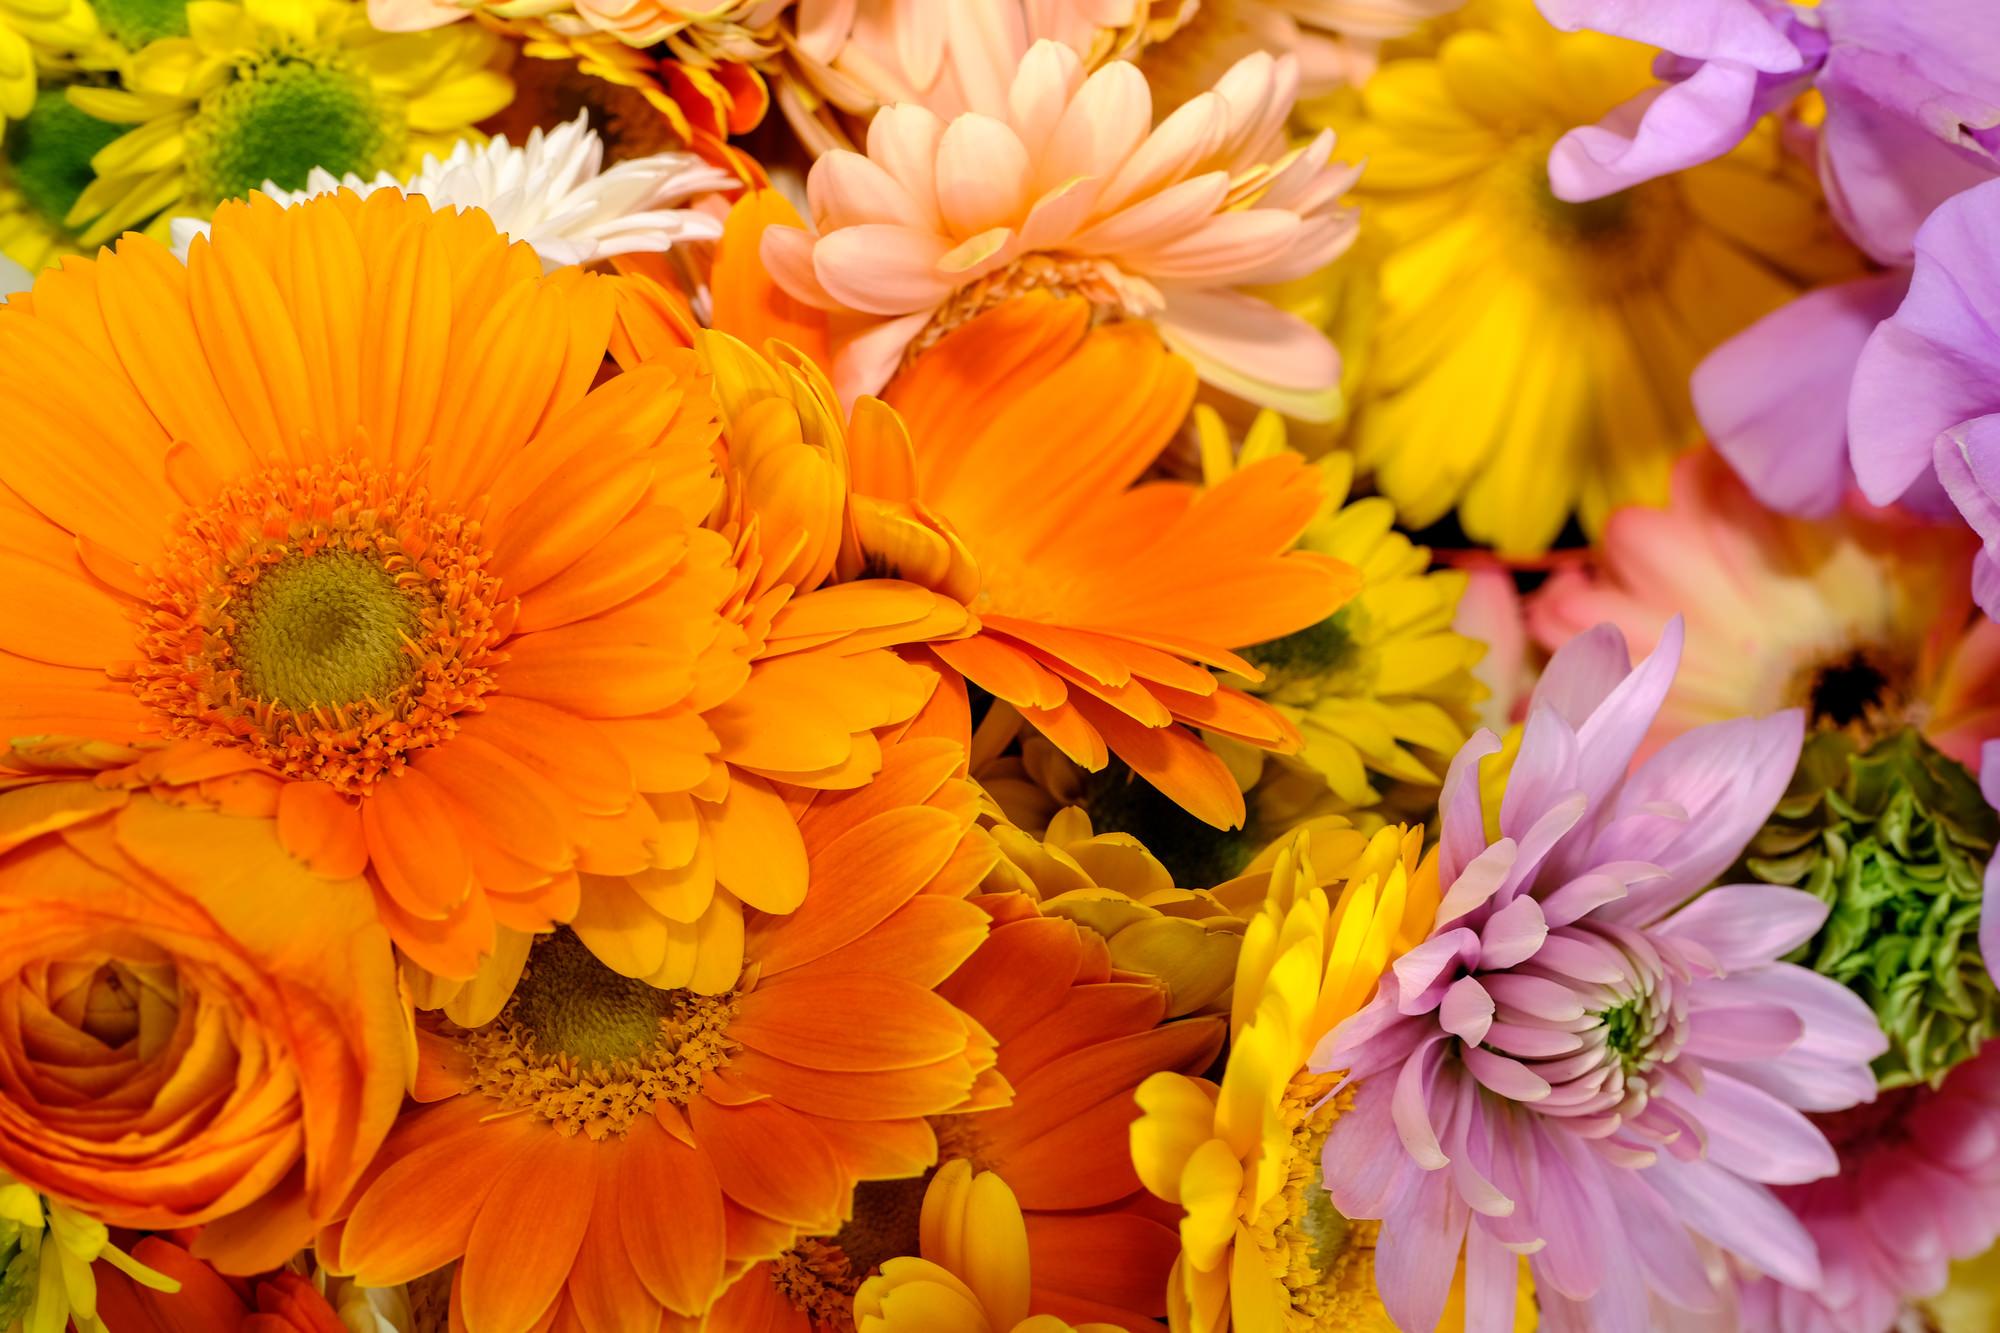 可憐な姿が印象的なふたつの花